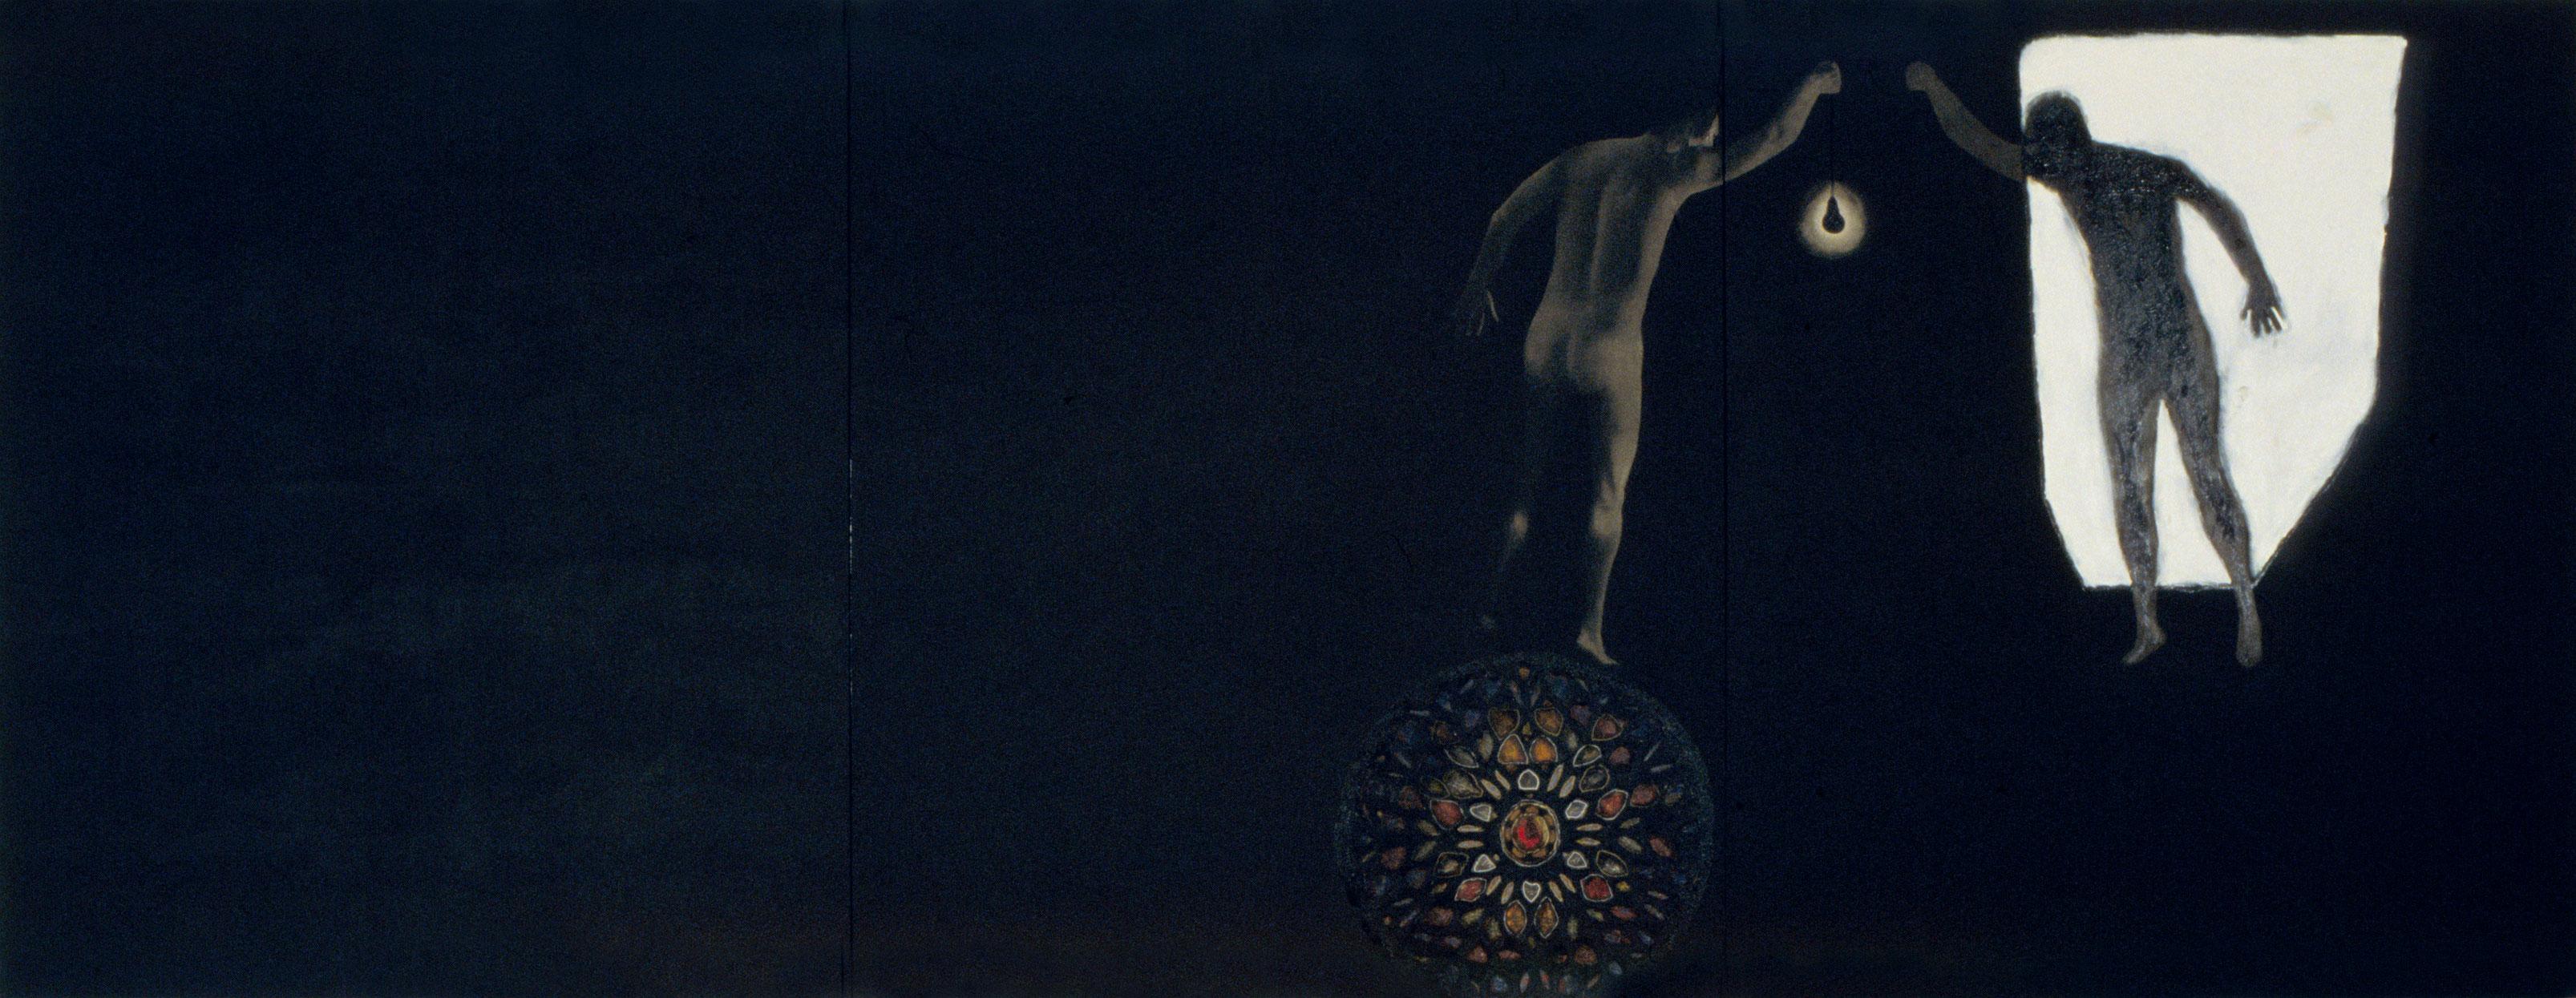 Manifestare, 2000, Marc Séguin, Huile et goudron sur toile.